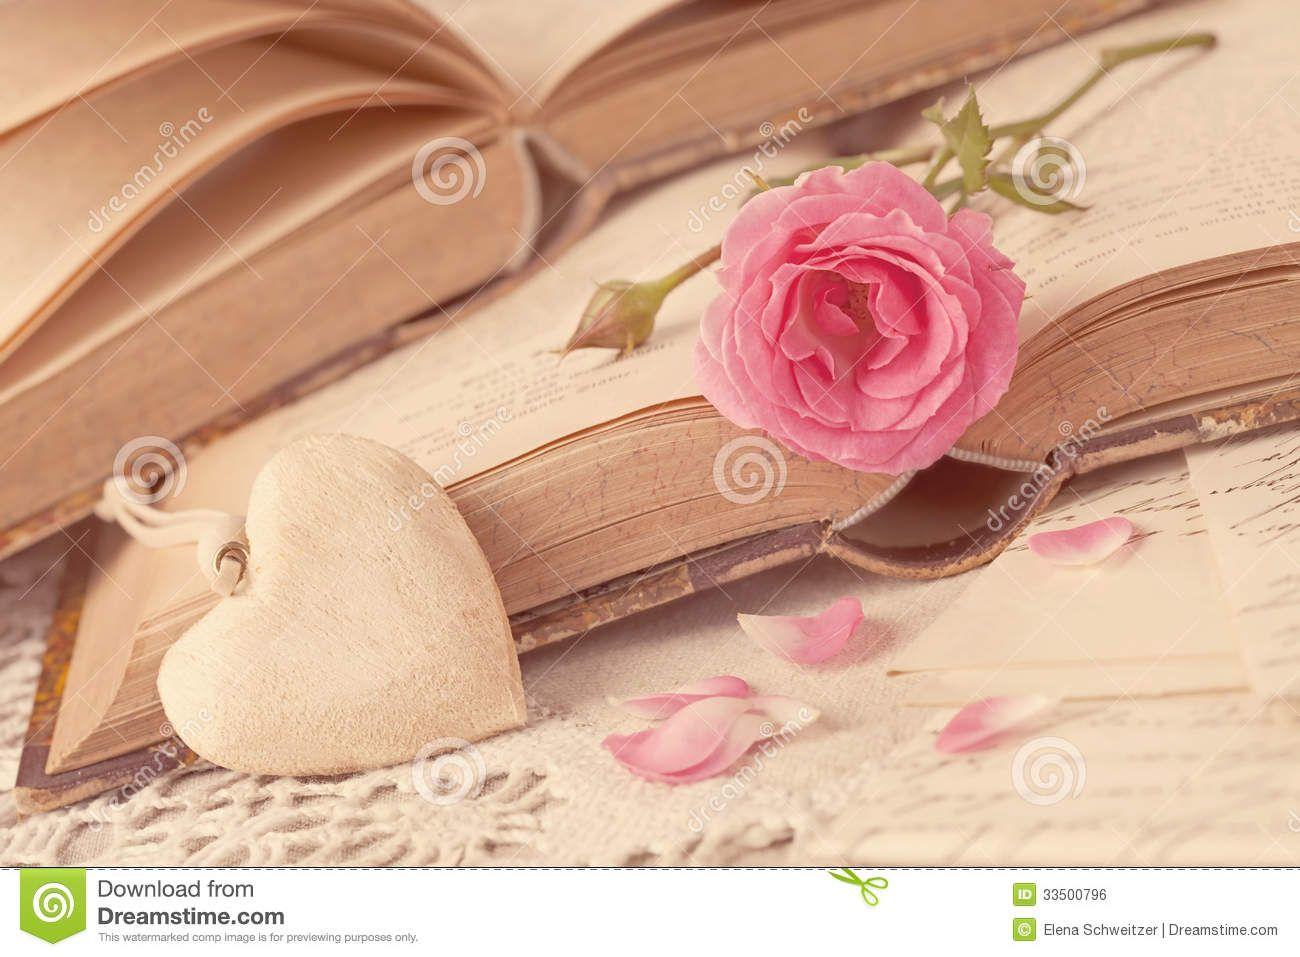 fotos de livros e flores secas - Bing Imagens